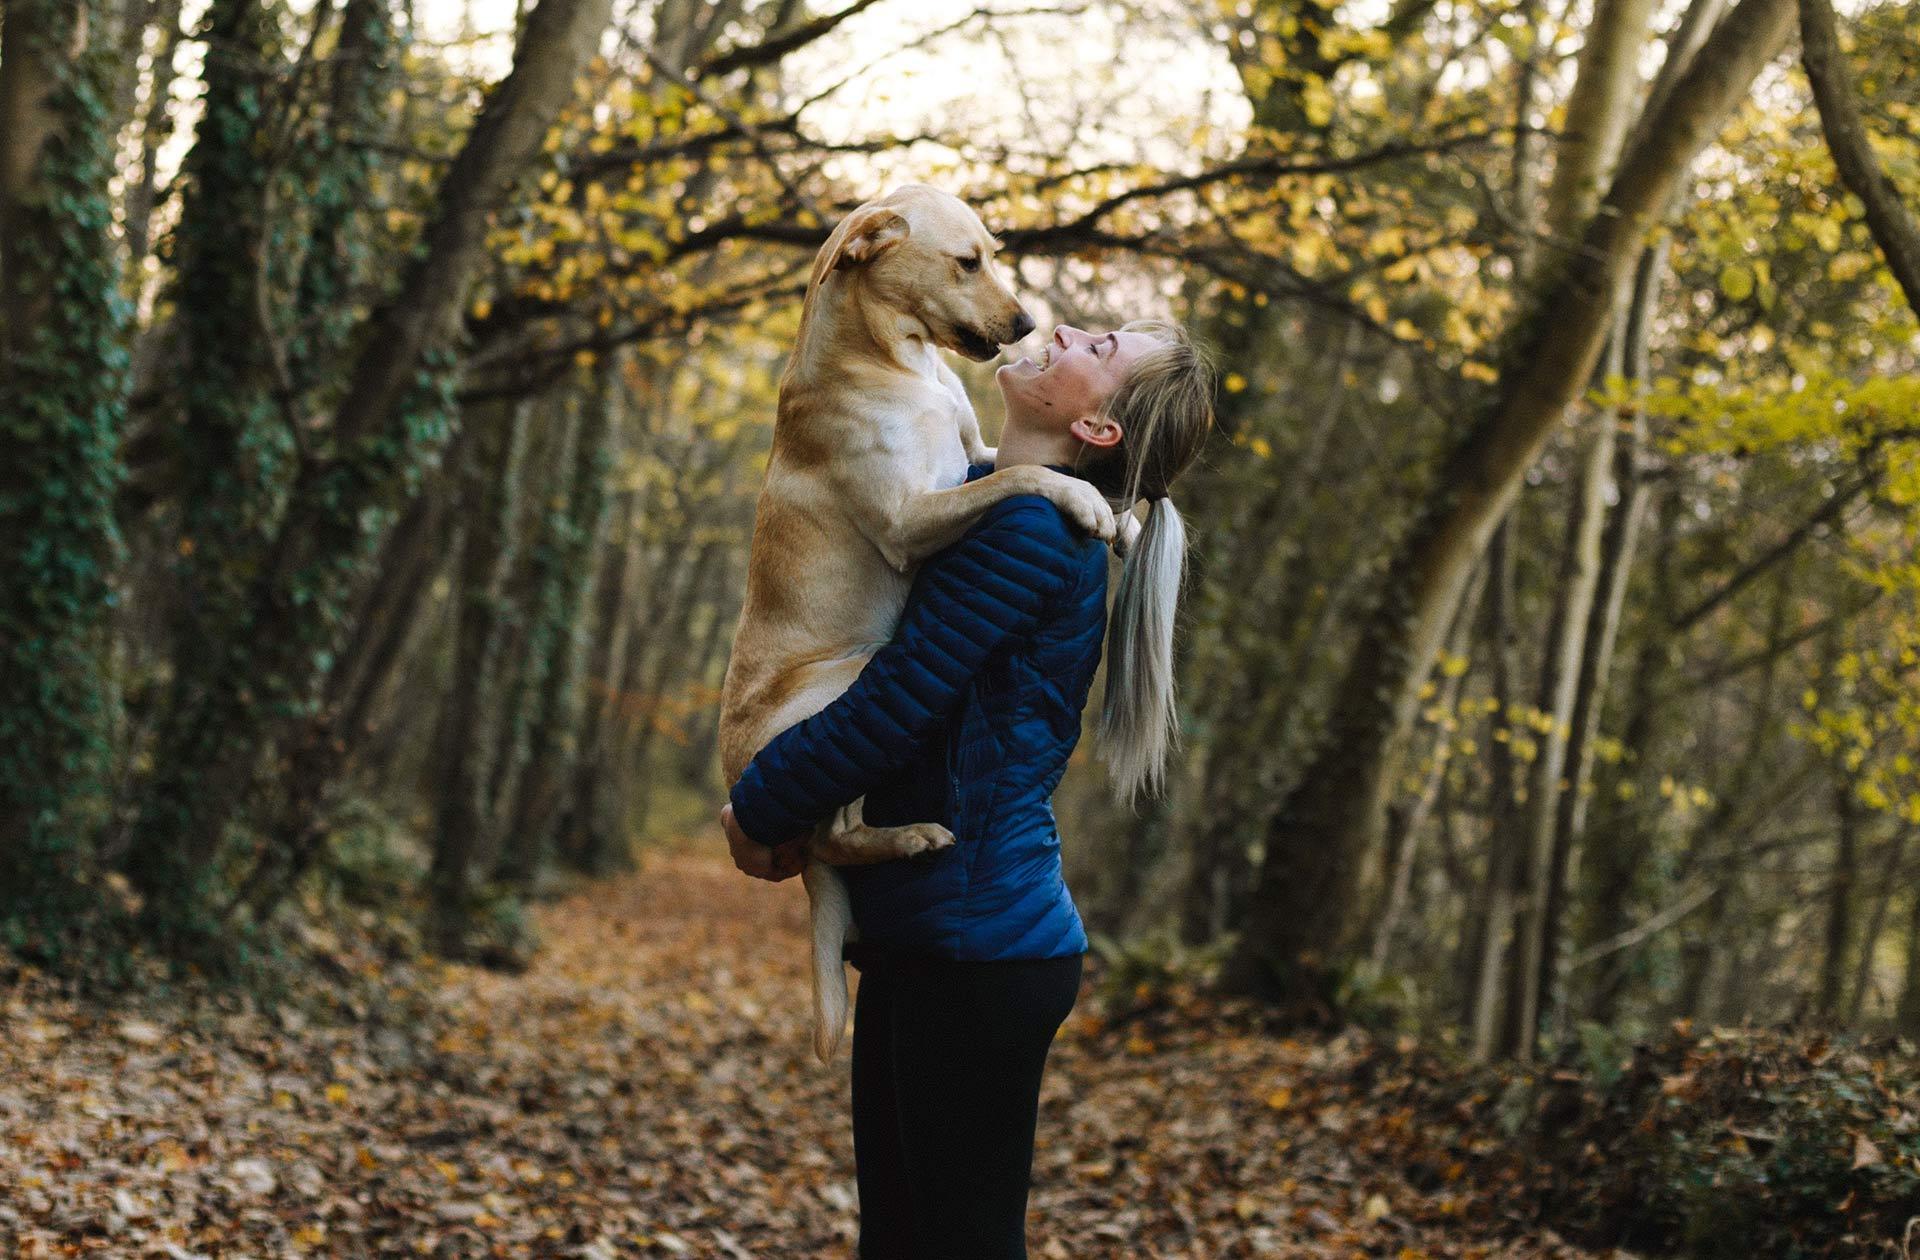 Passa på att leka med din hund när du är ute på promenad. Din hund kommer älska att du vill springa och busa med den.